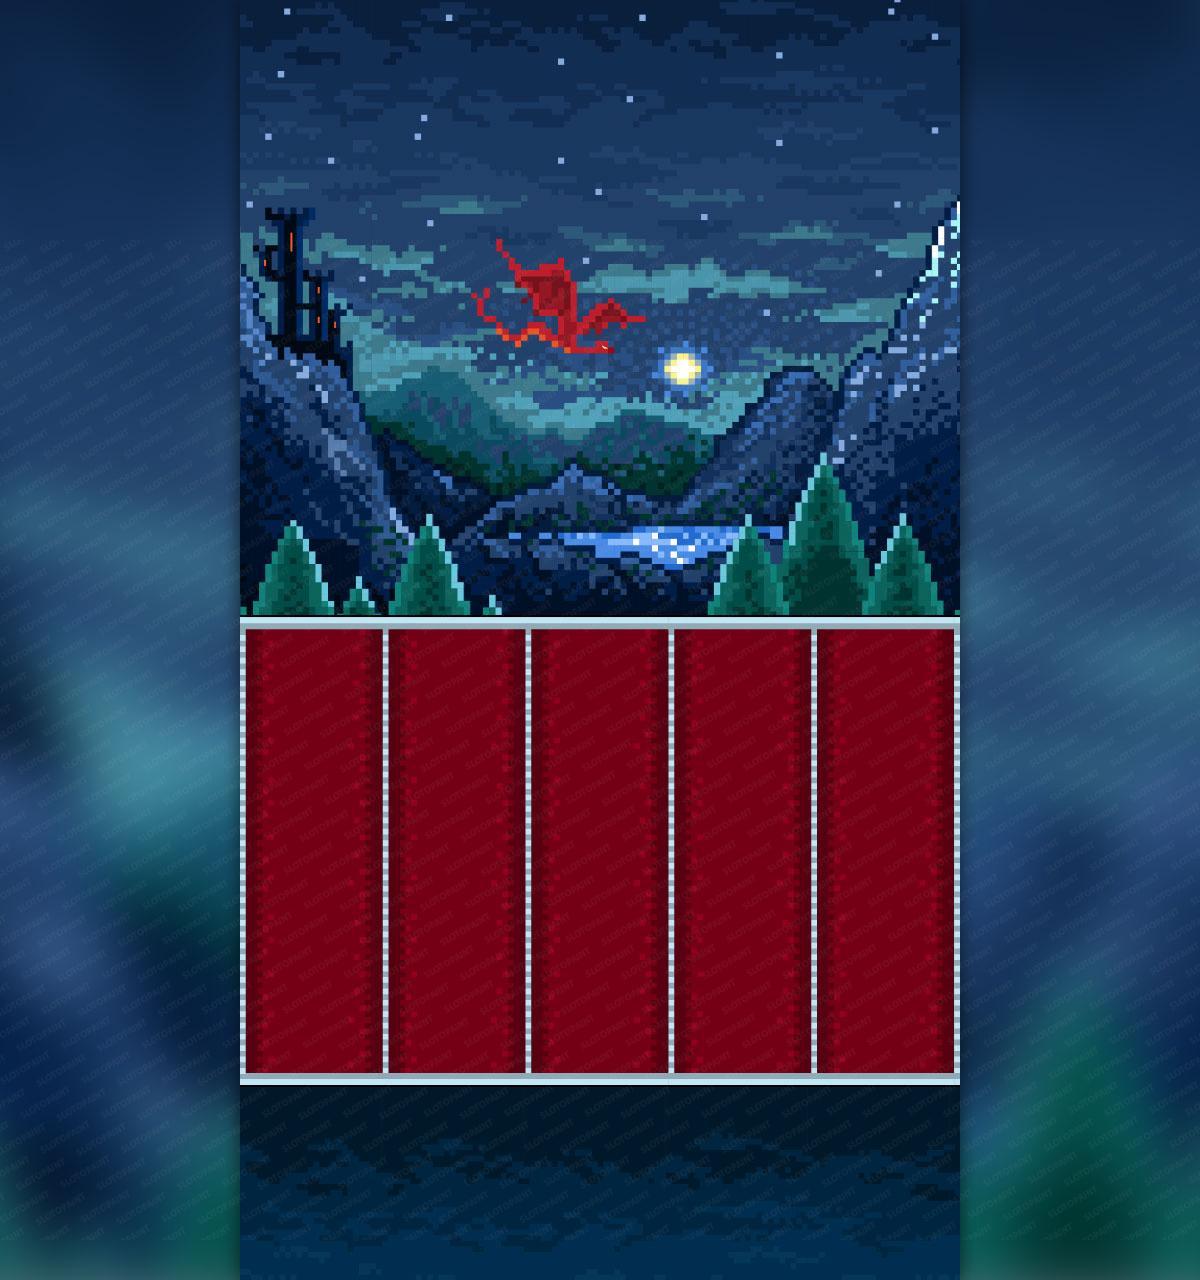 pixel_dungion_blog_reels_back